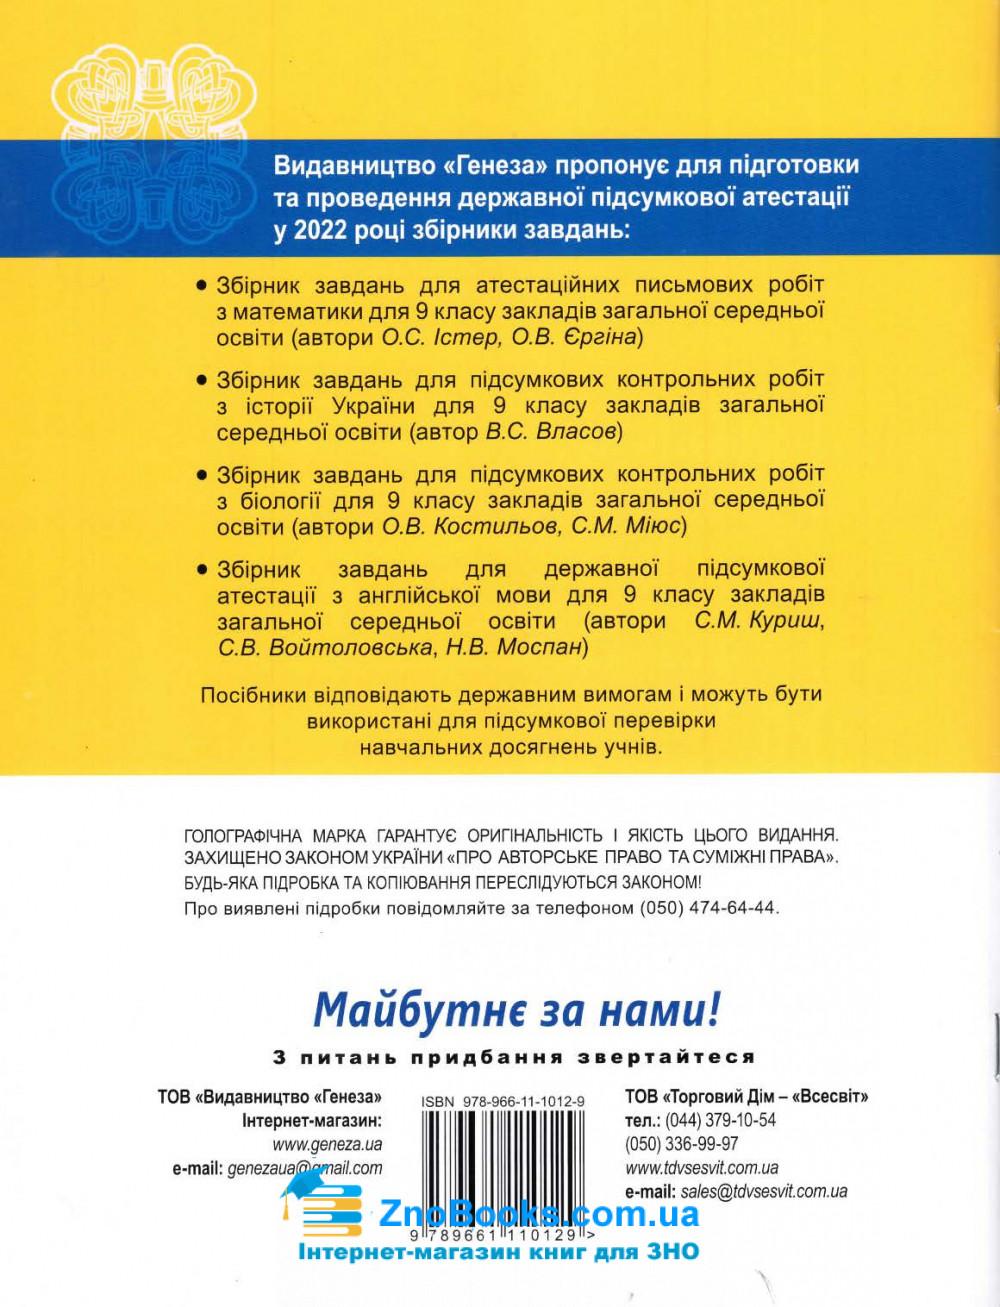 ДПА 9 клас 2022 біологія. Збірник завдань : О. Костильов, С. Міюс Генеза. Купити 9